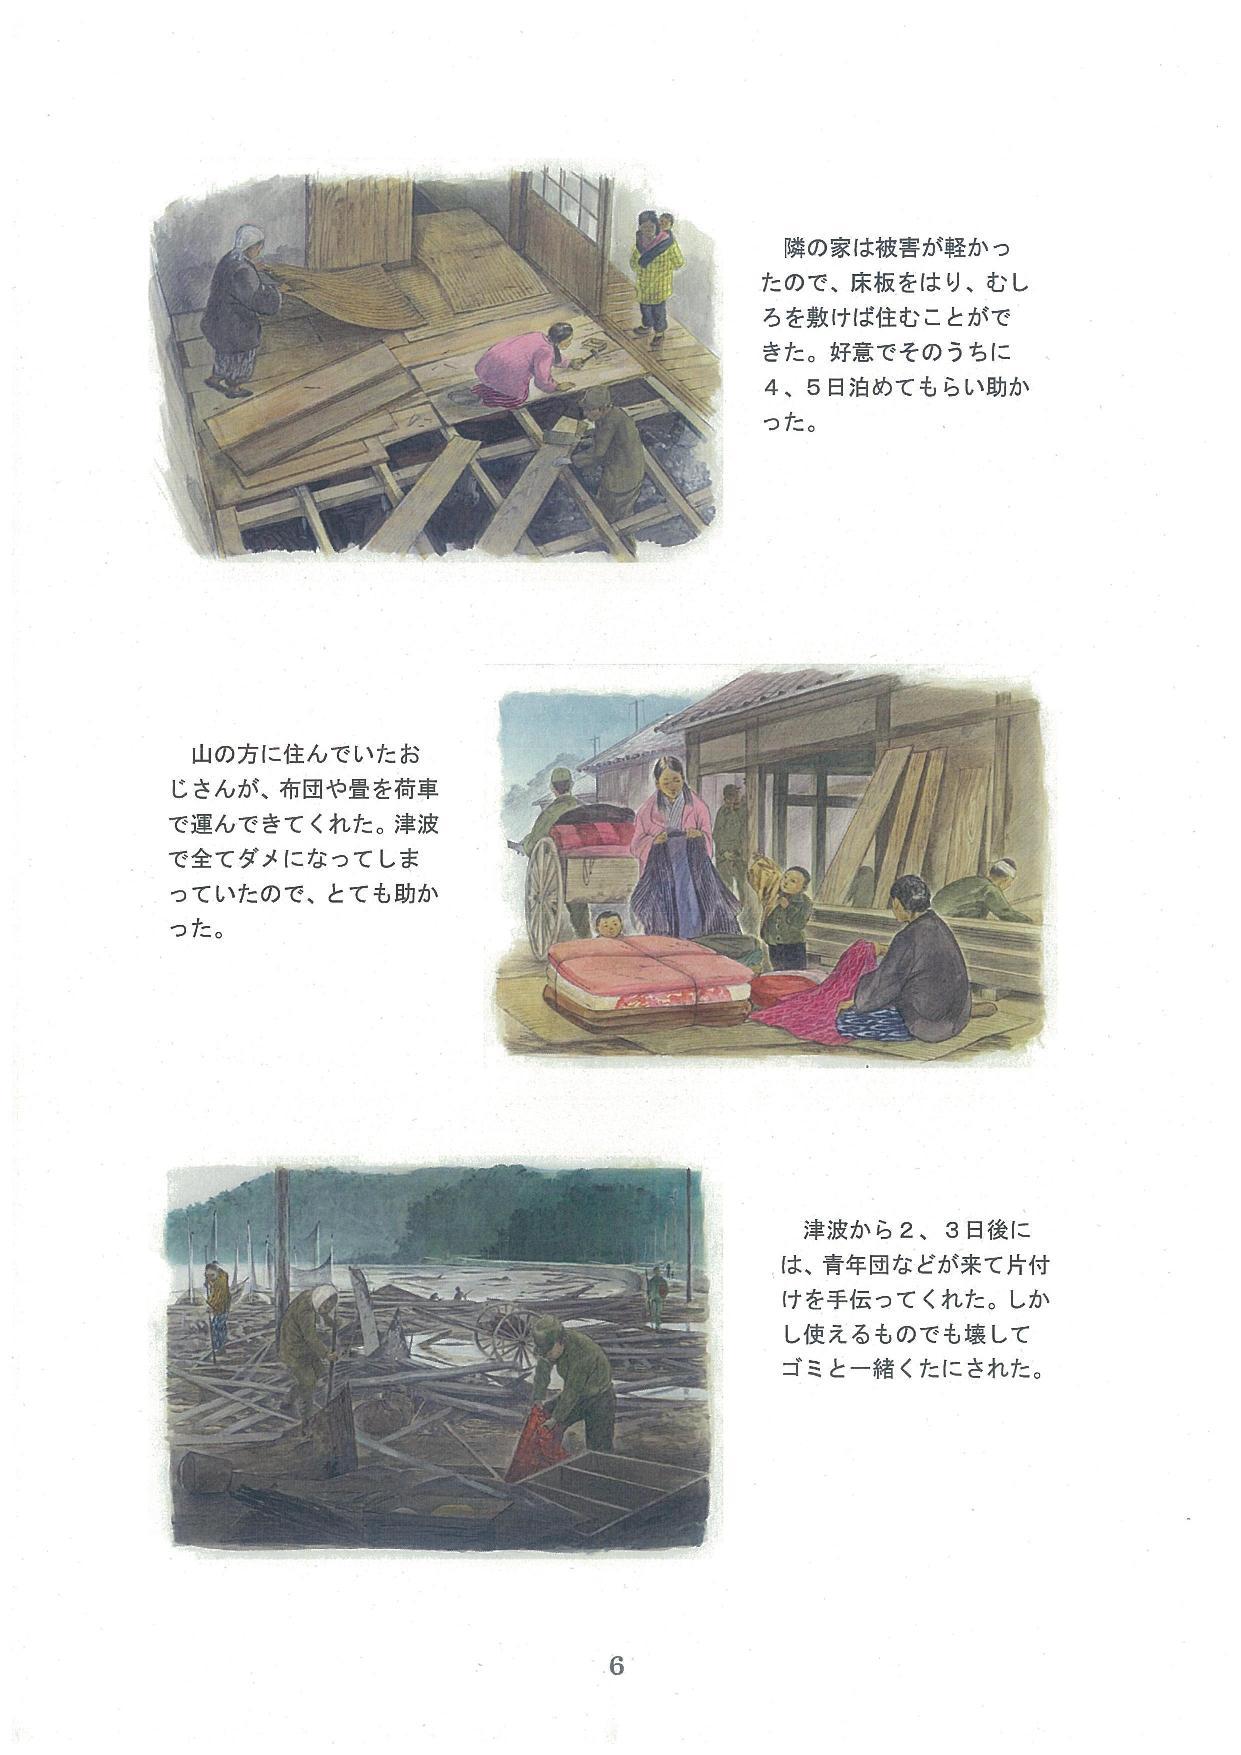 20171208-02_ページ_06